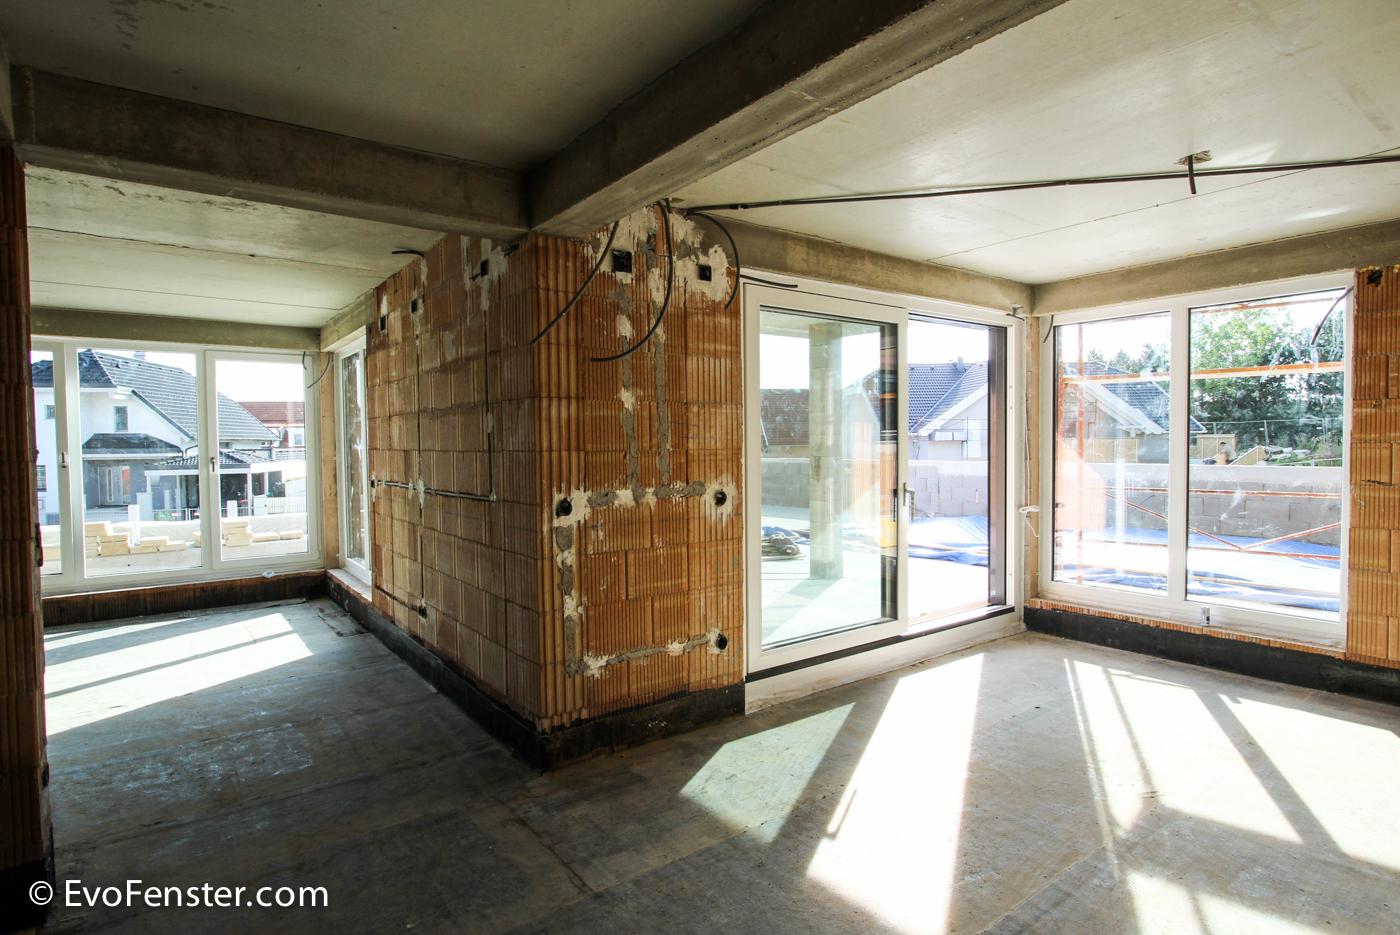 referenz einfamilienhaus neubau wiener neustadt. Black Bedroom Furniture Sets. Home Design Ideas